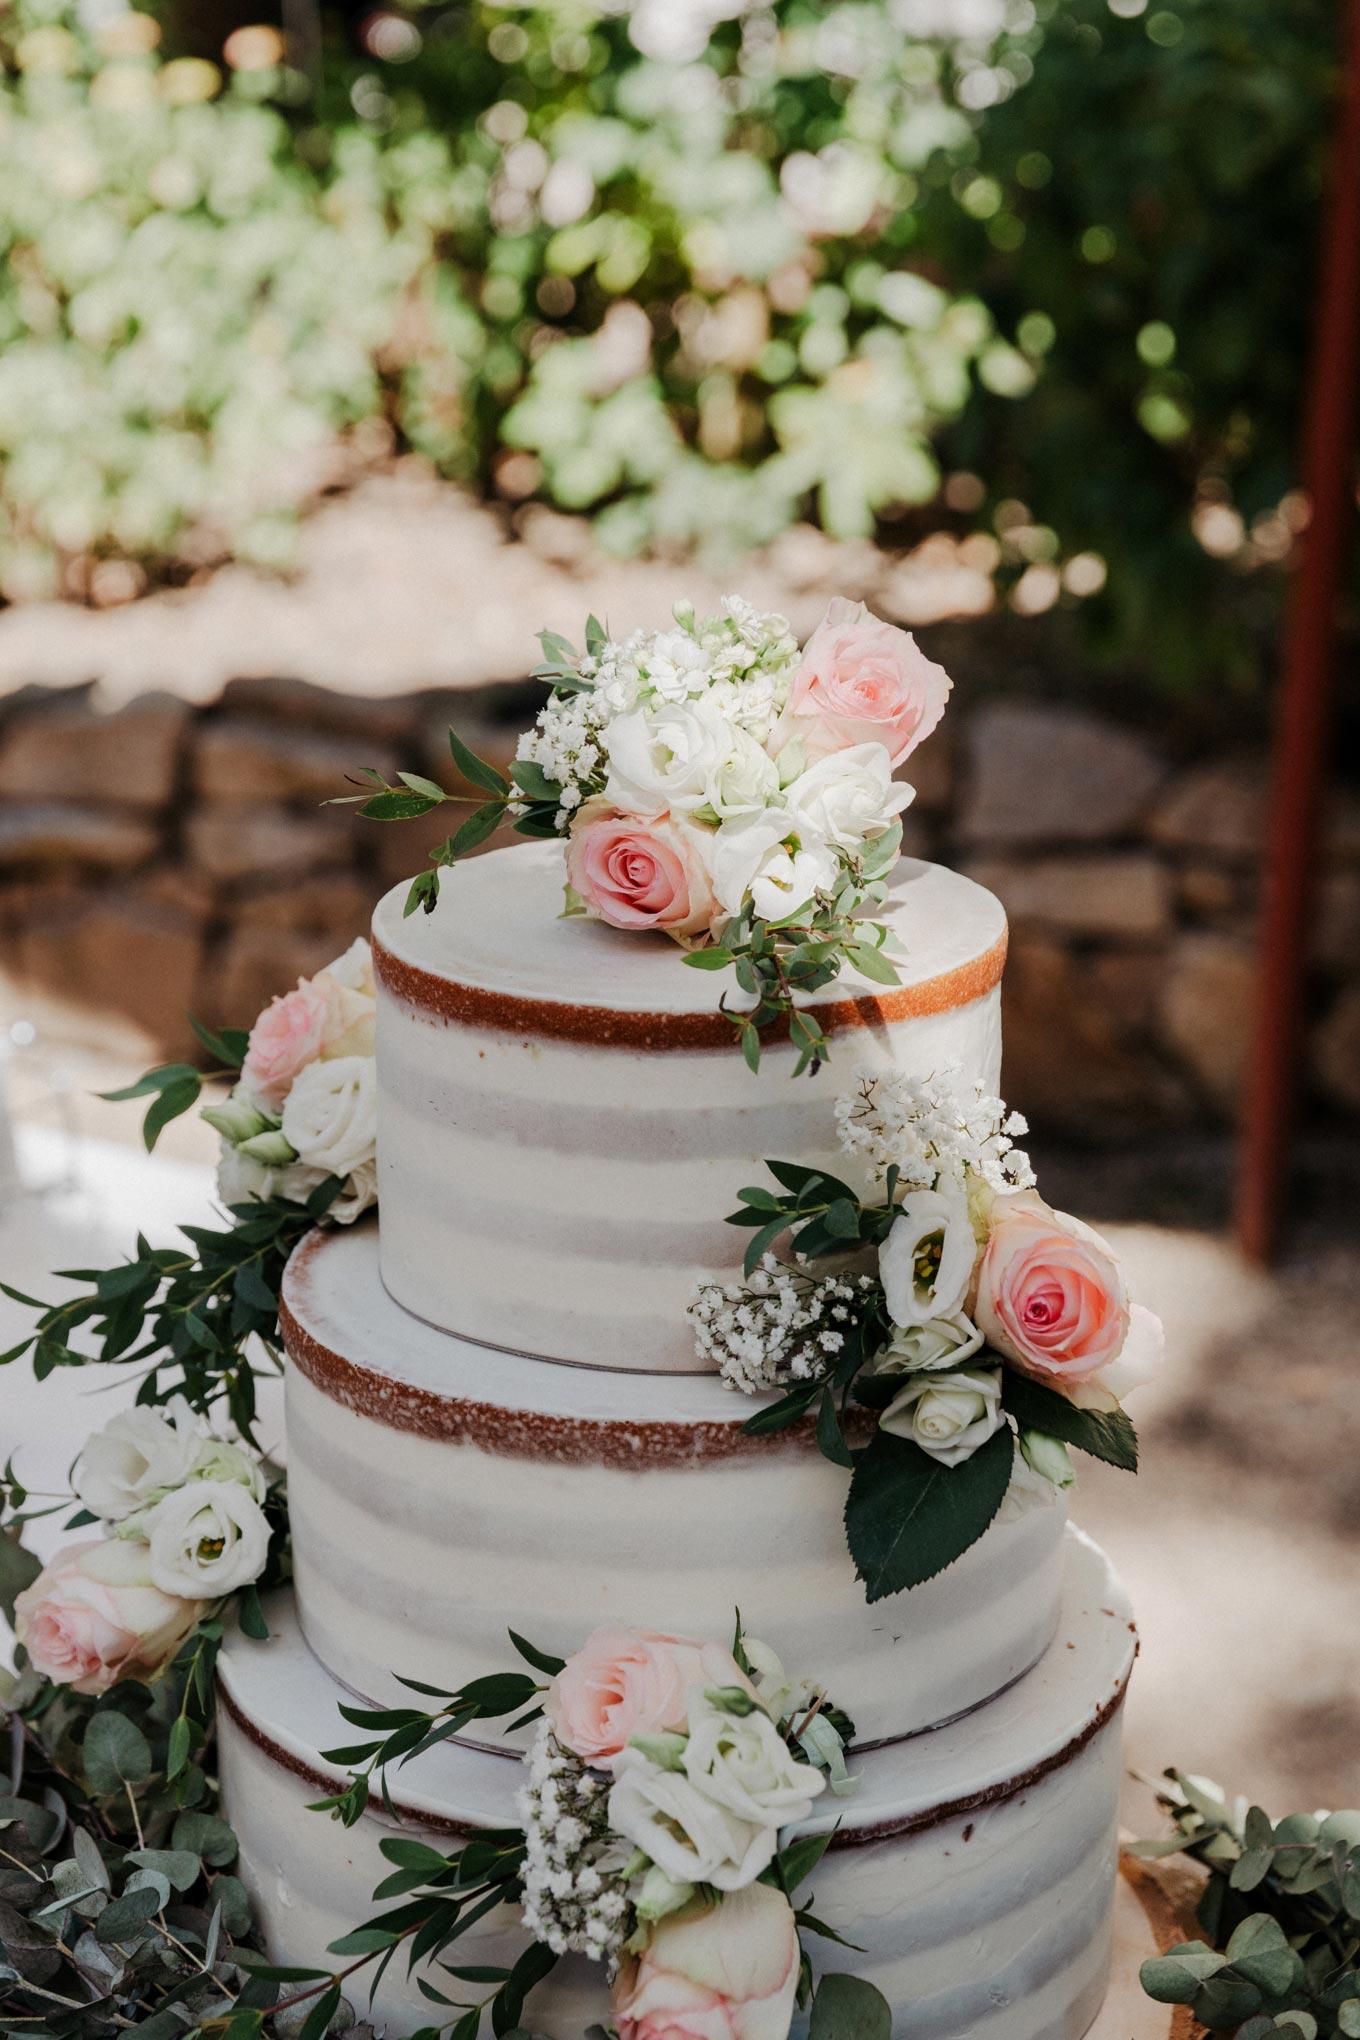 Naced Cake Hochzeitstorte mit Blumen